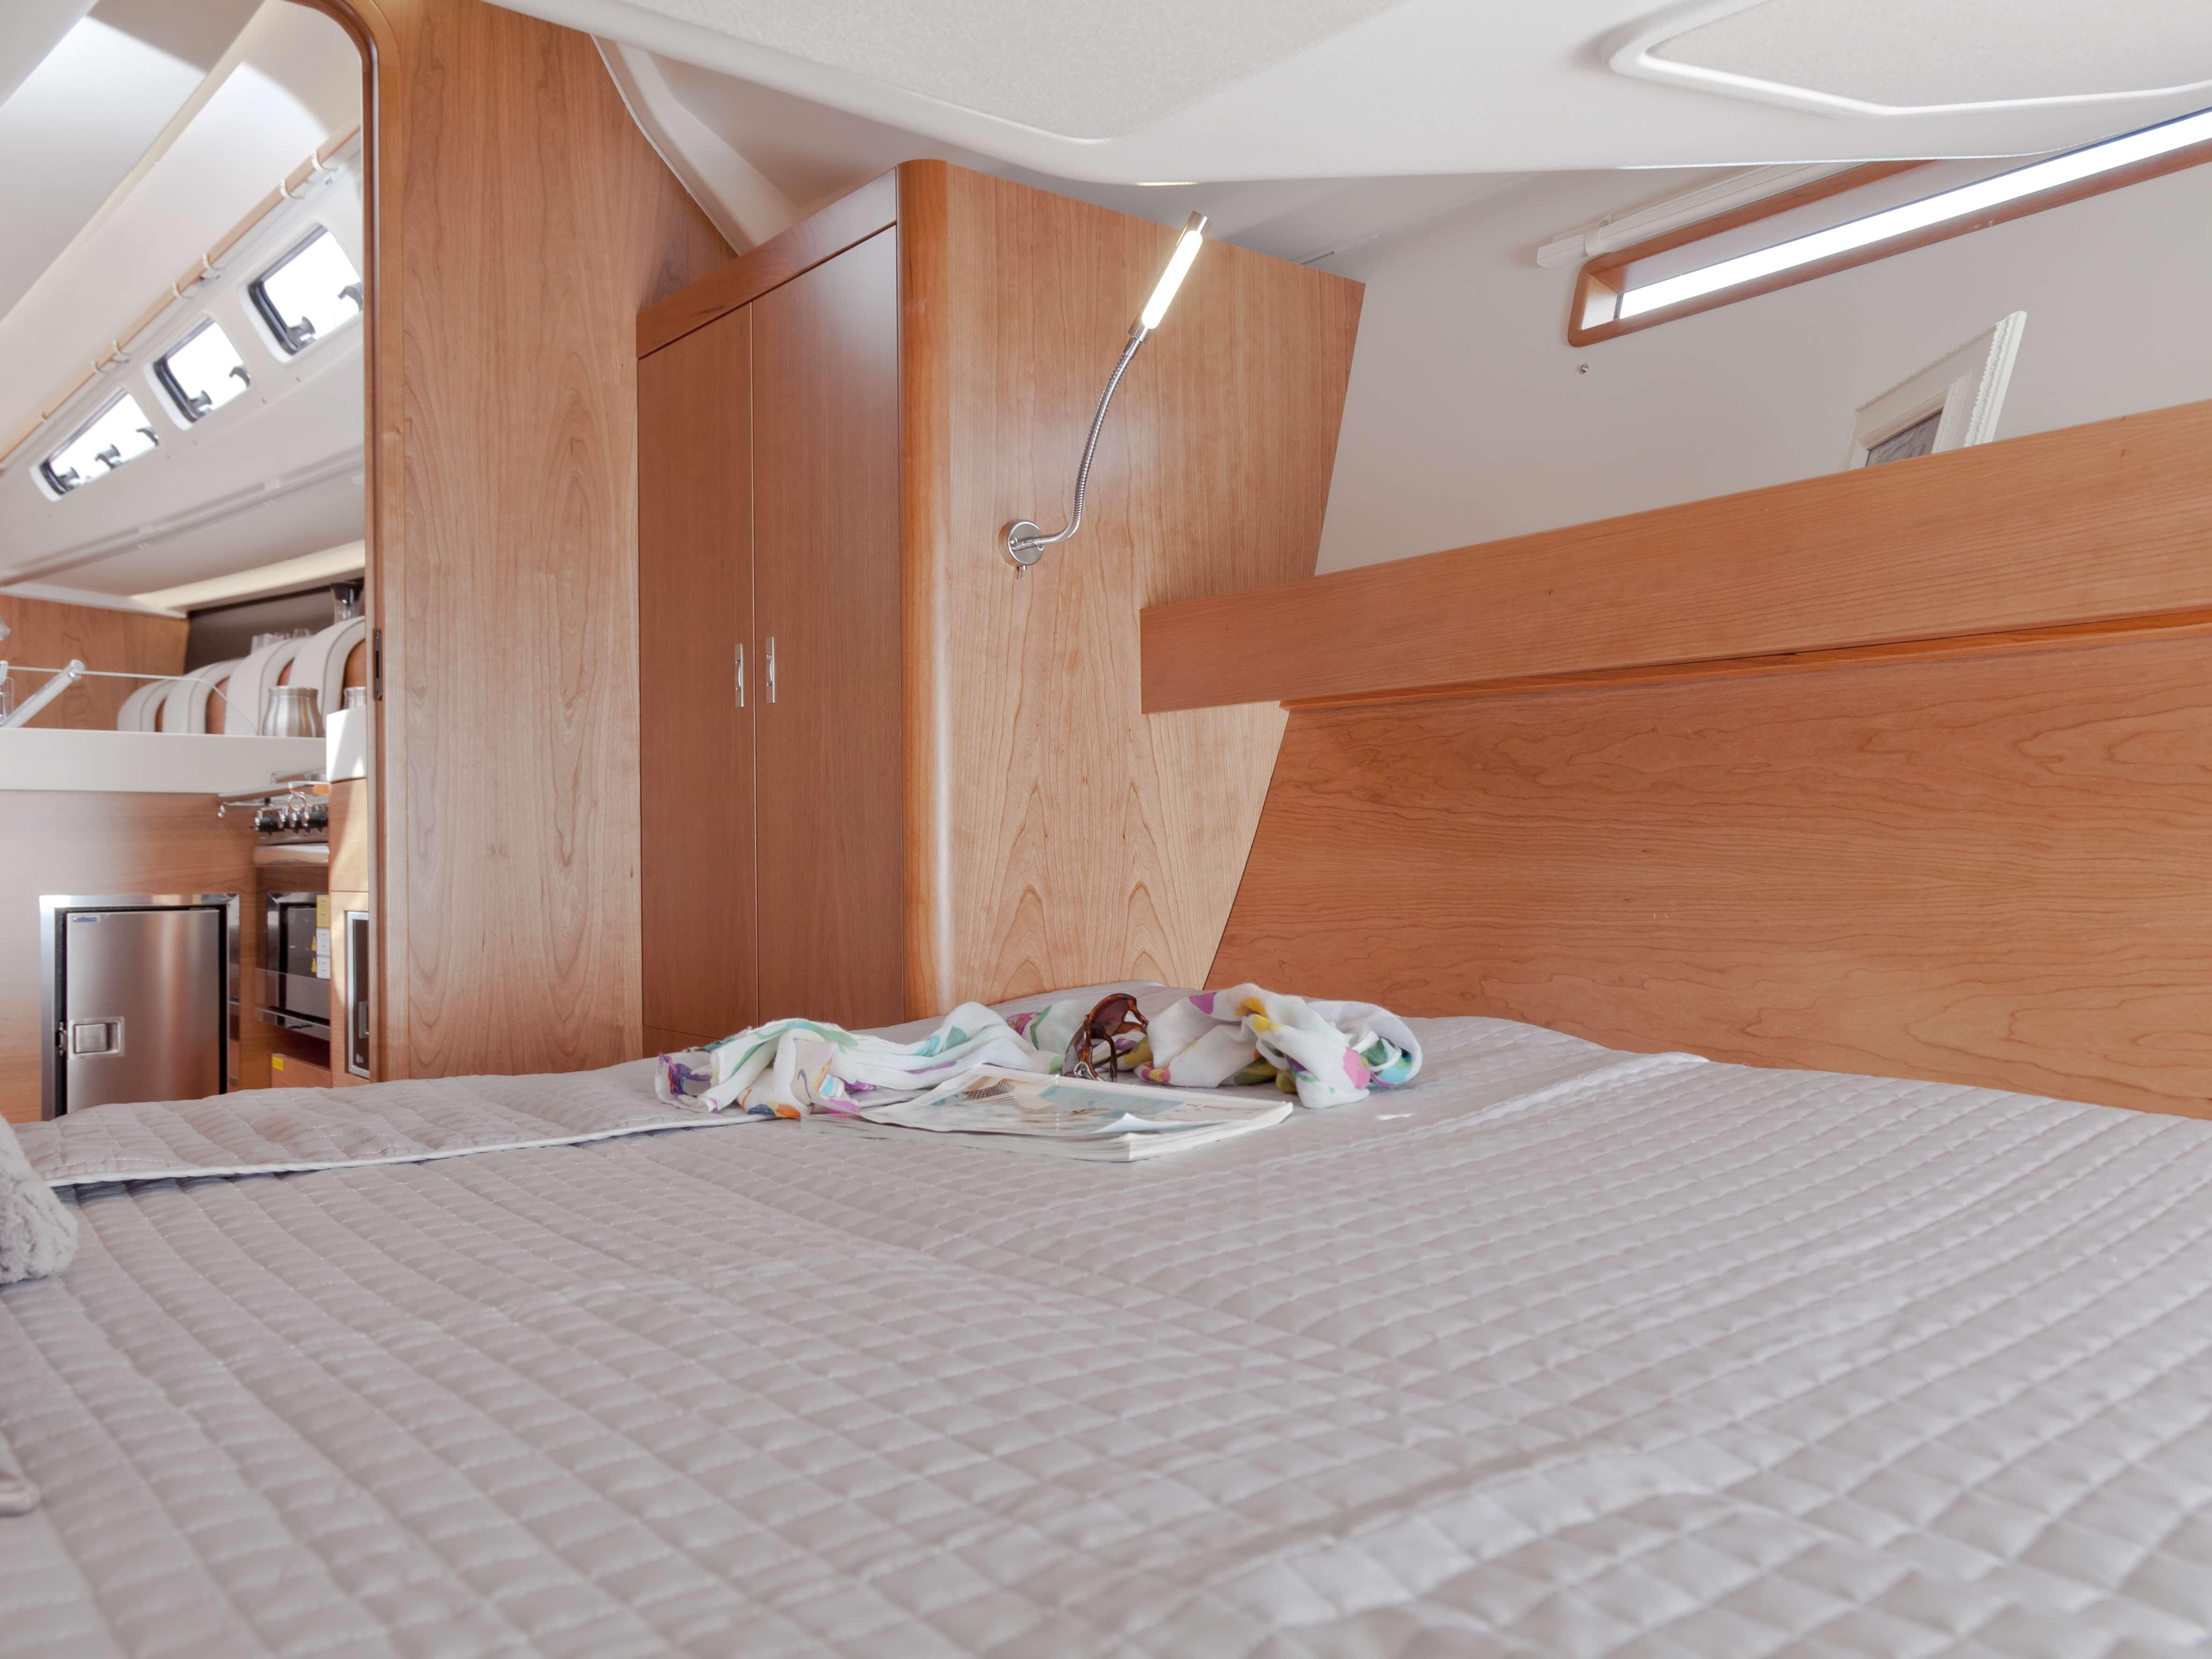 Dehler 46 Vista interior cabina da popa | cama doble, compartimento de almacenamiento, lámpara para leer | Dehler